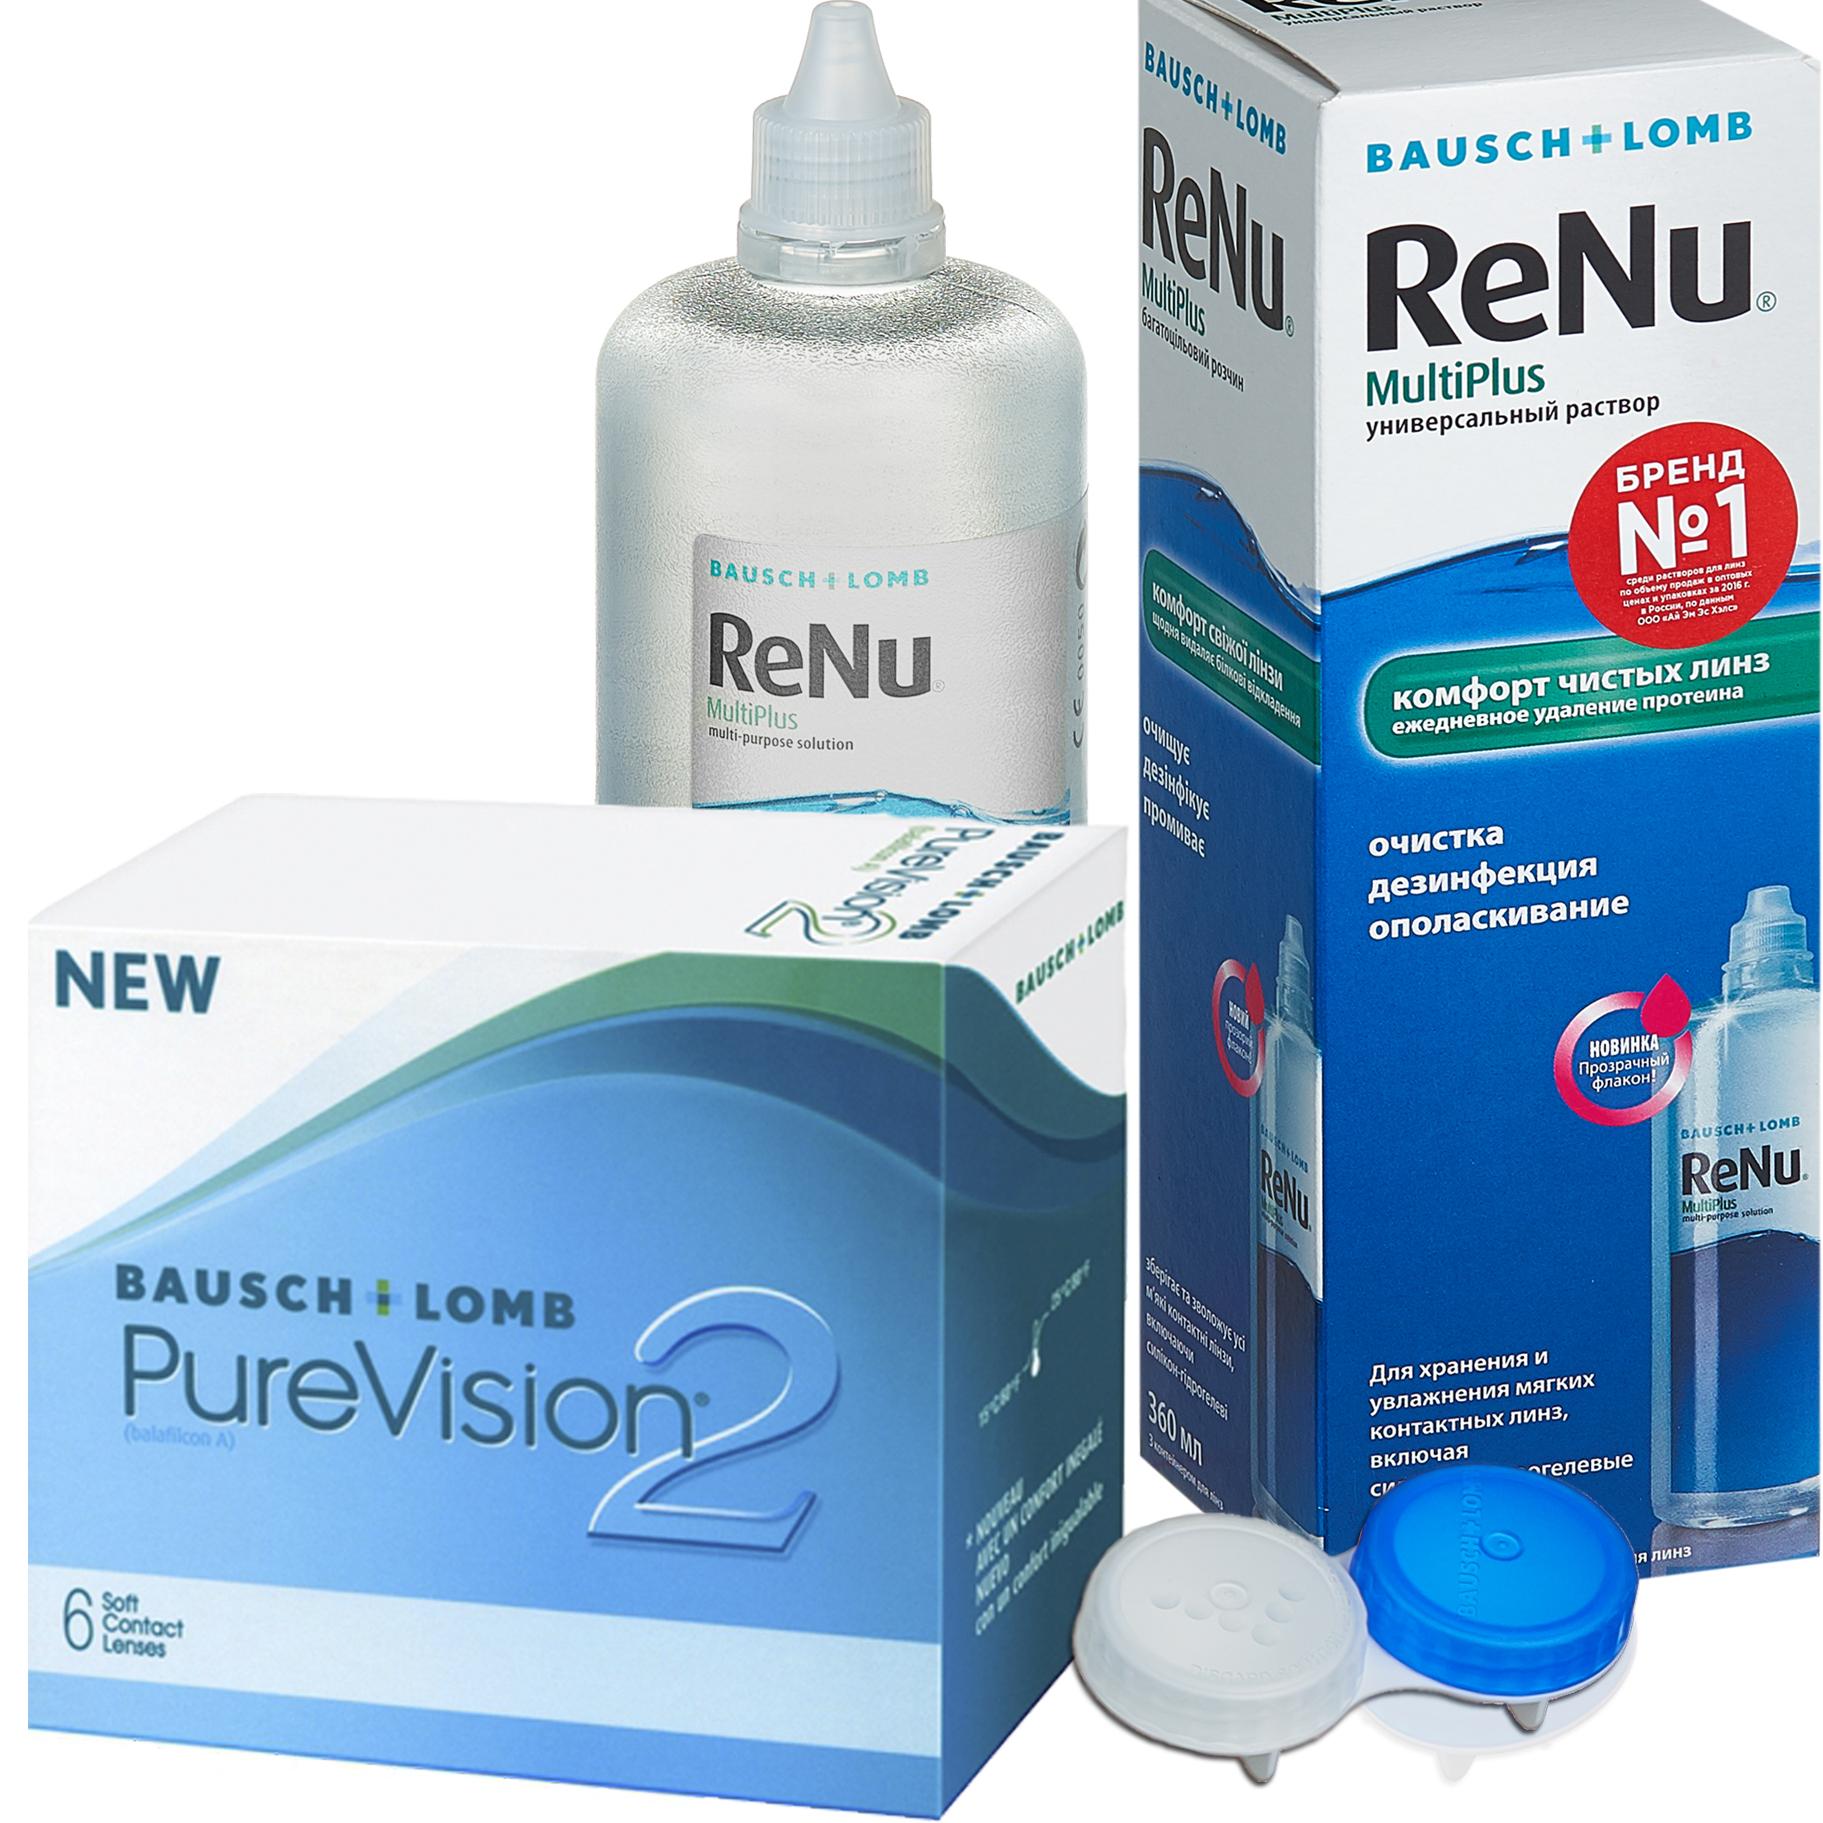 Купить 2 6 линз + ReNu MultiPlus, Контактные линзы PureVision 2 6 линз R 8.6 -4, 75 + Раствор ReNu Multi Plus 360 мл